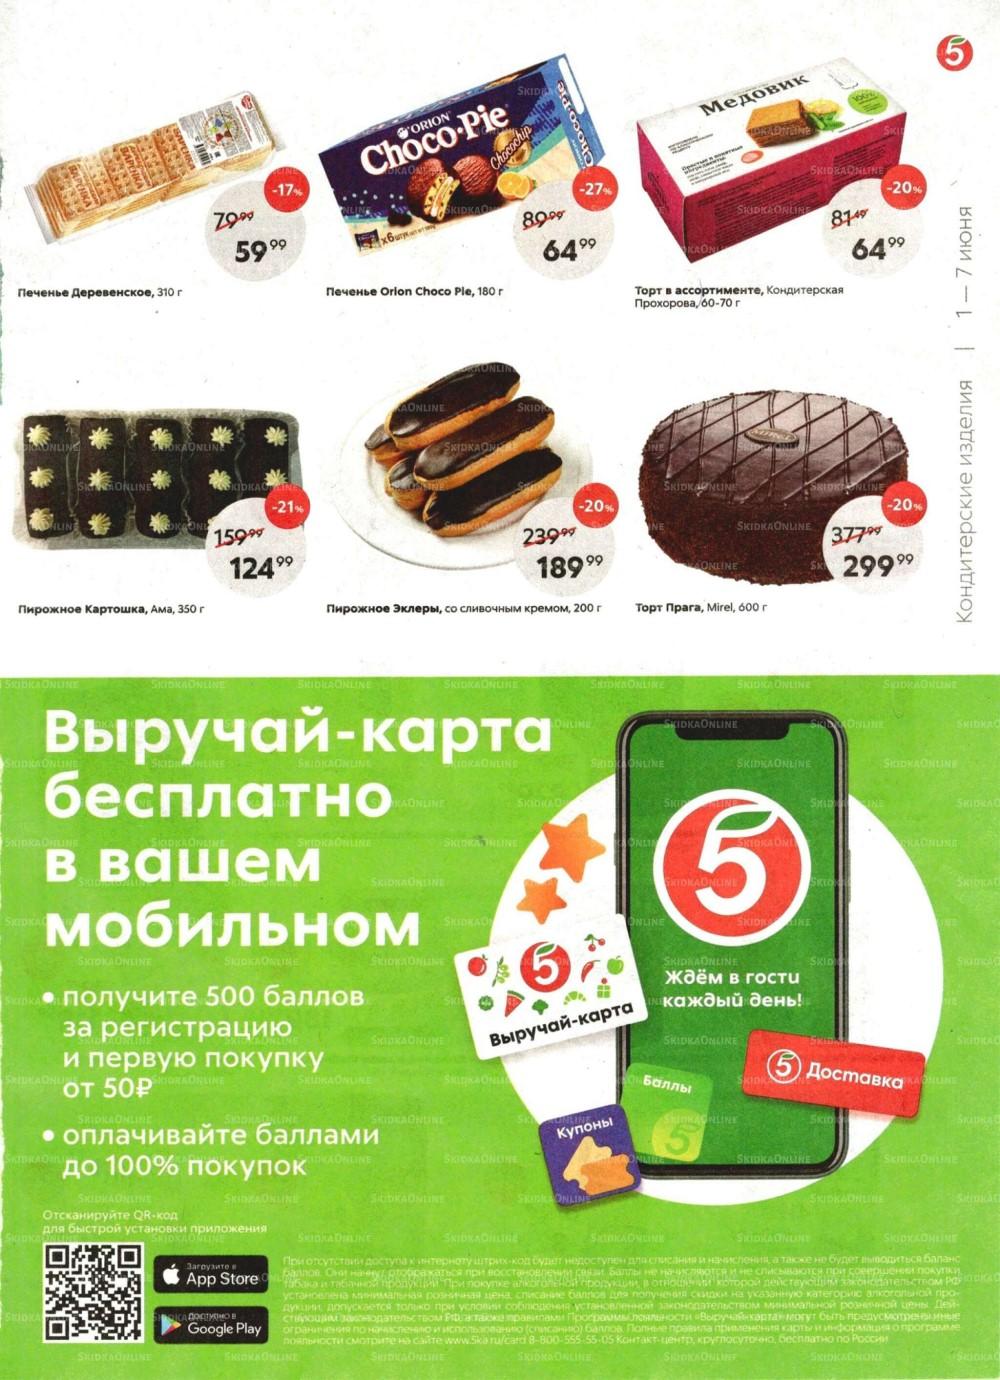 Новый каталог акций в Пятерочке г. Орел